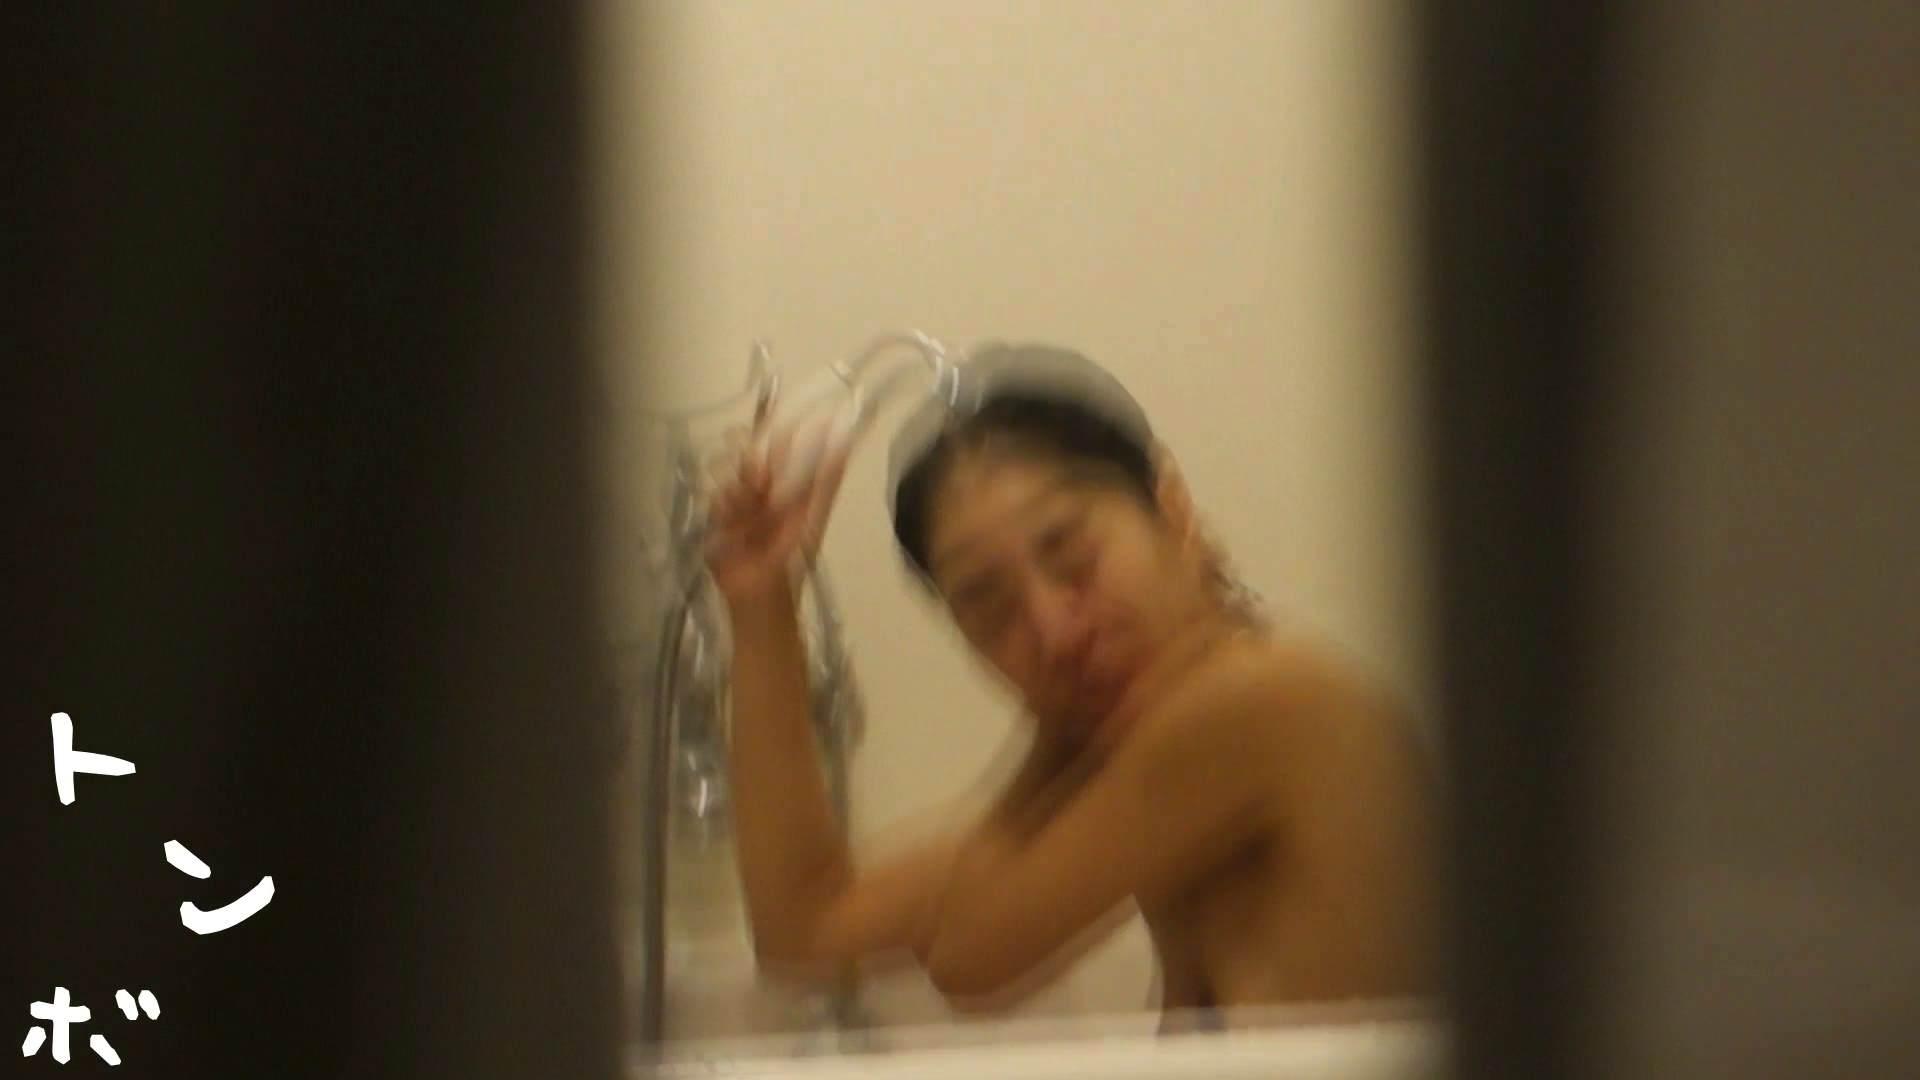 リアル盗撮 現役モデルのシャワーシーン2 高画質 盗撮おまんこ無修正動画無料 90pic 69